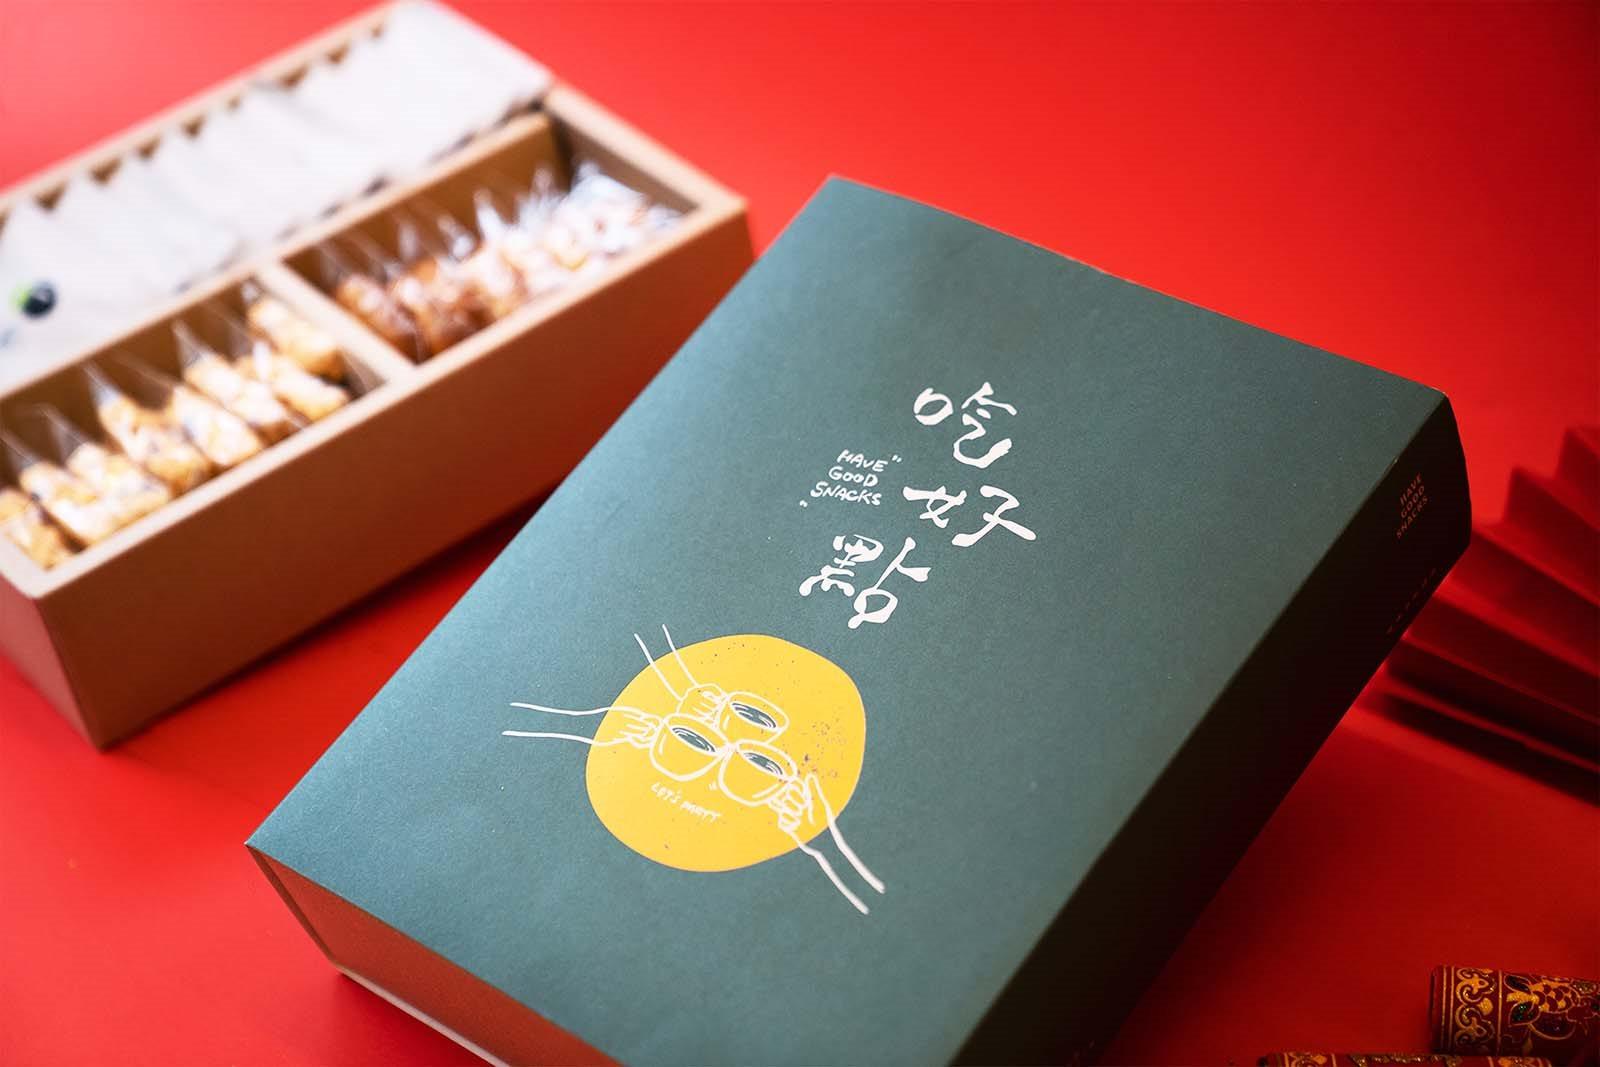 年節企業送禮、公司禮品採購,甘樂文創禮盒贈送客戶員工首選!